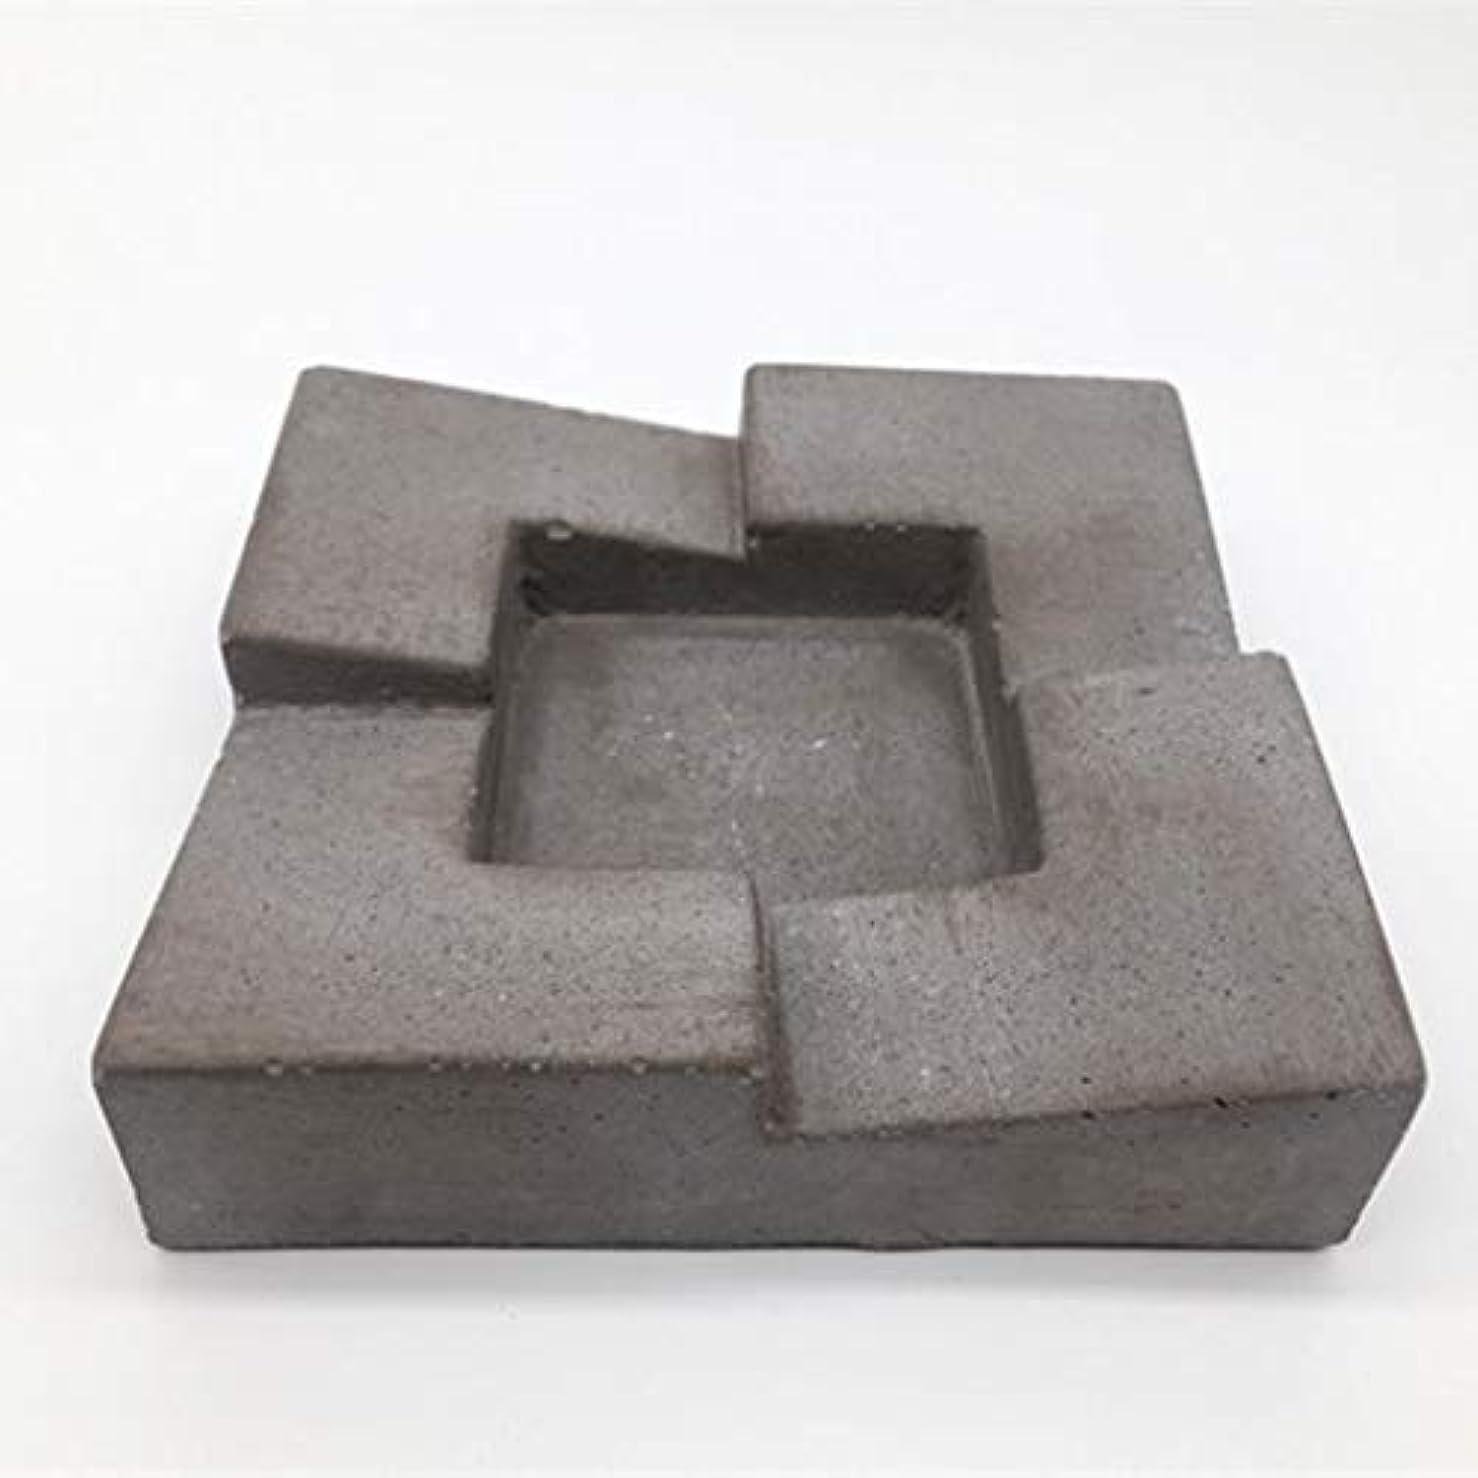 気をつけてヒューズスマッシュビンテージ手彫り灰皿、ホームデスクトップ家具葉巻コンクリートリビングルームバーオフィスセメント灰皿(グレー)品質保証